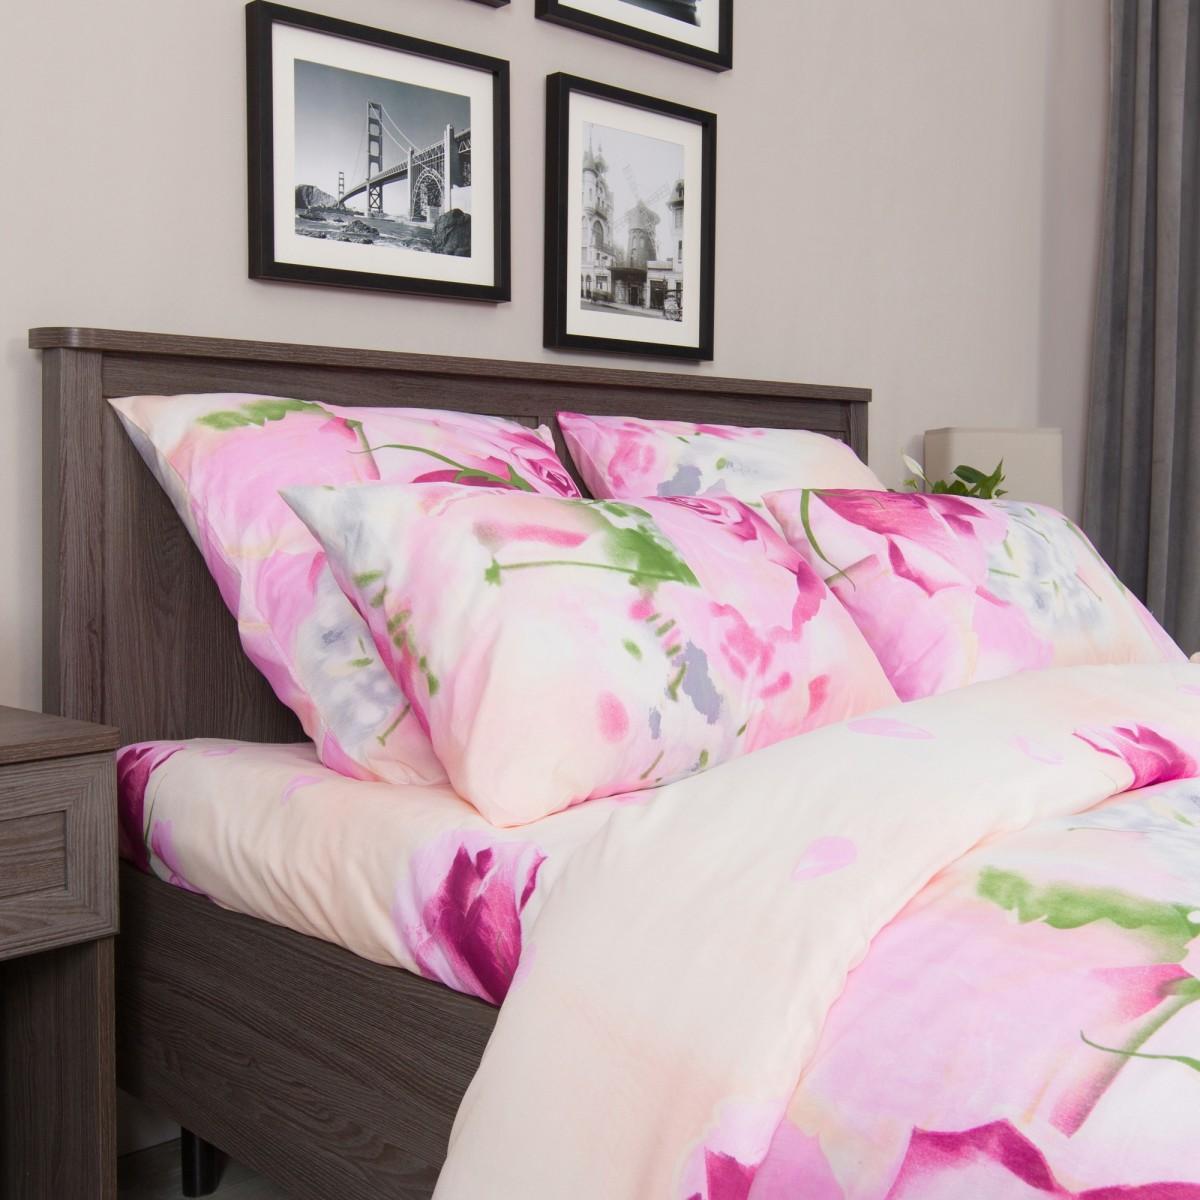 Комплект Постельного Белья Розовые Розы Полутораспальный Микрофибра